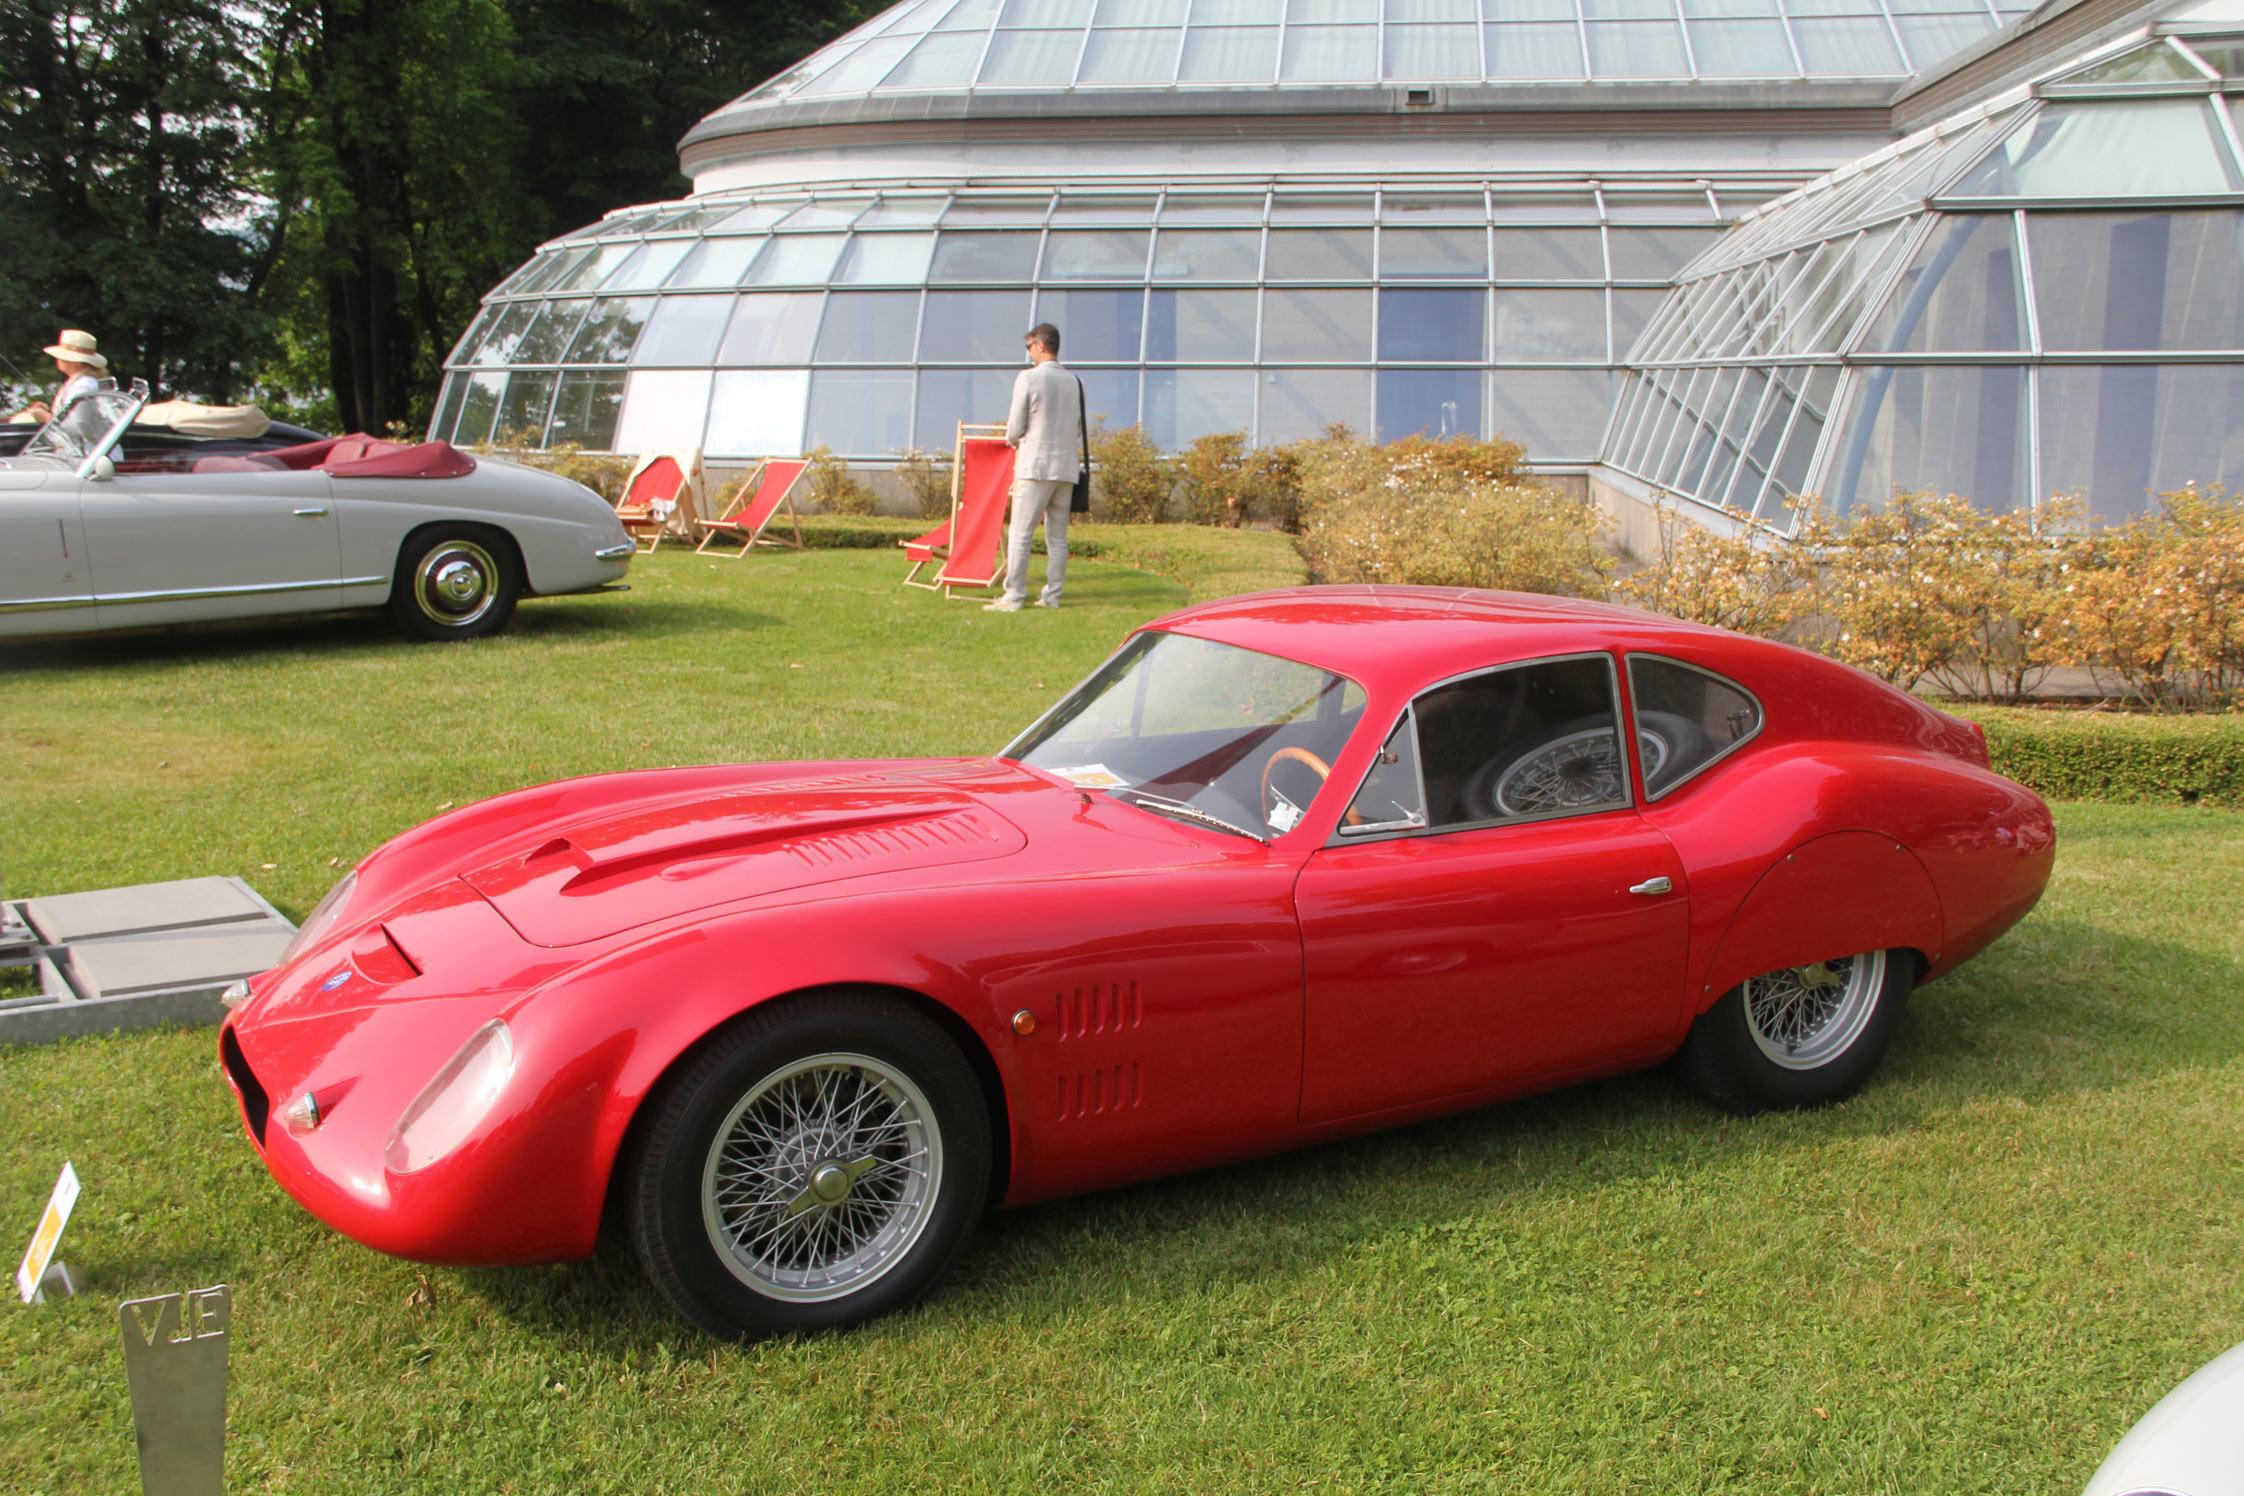 O S C A 1600 Sp Par Zagato 1963 Concorso D Eleganza Villa D Este 2012 Diaporama Photo